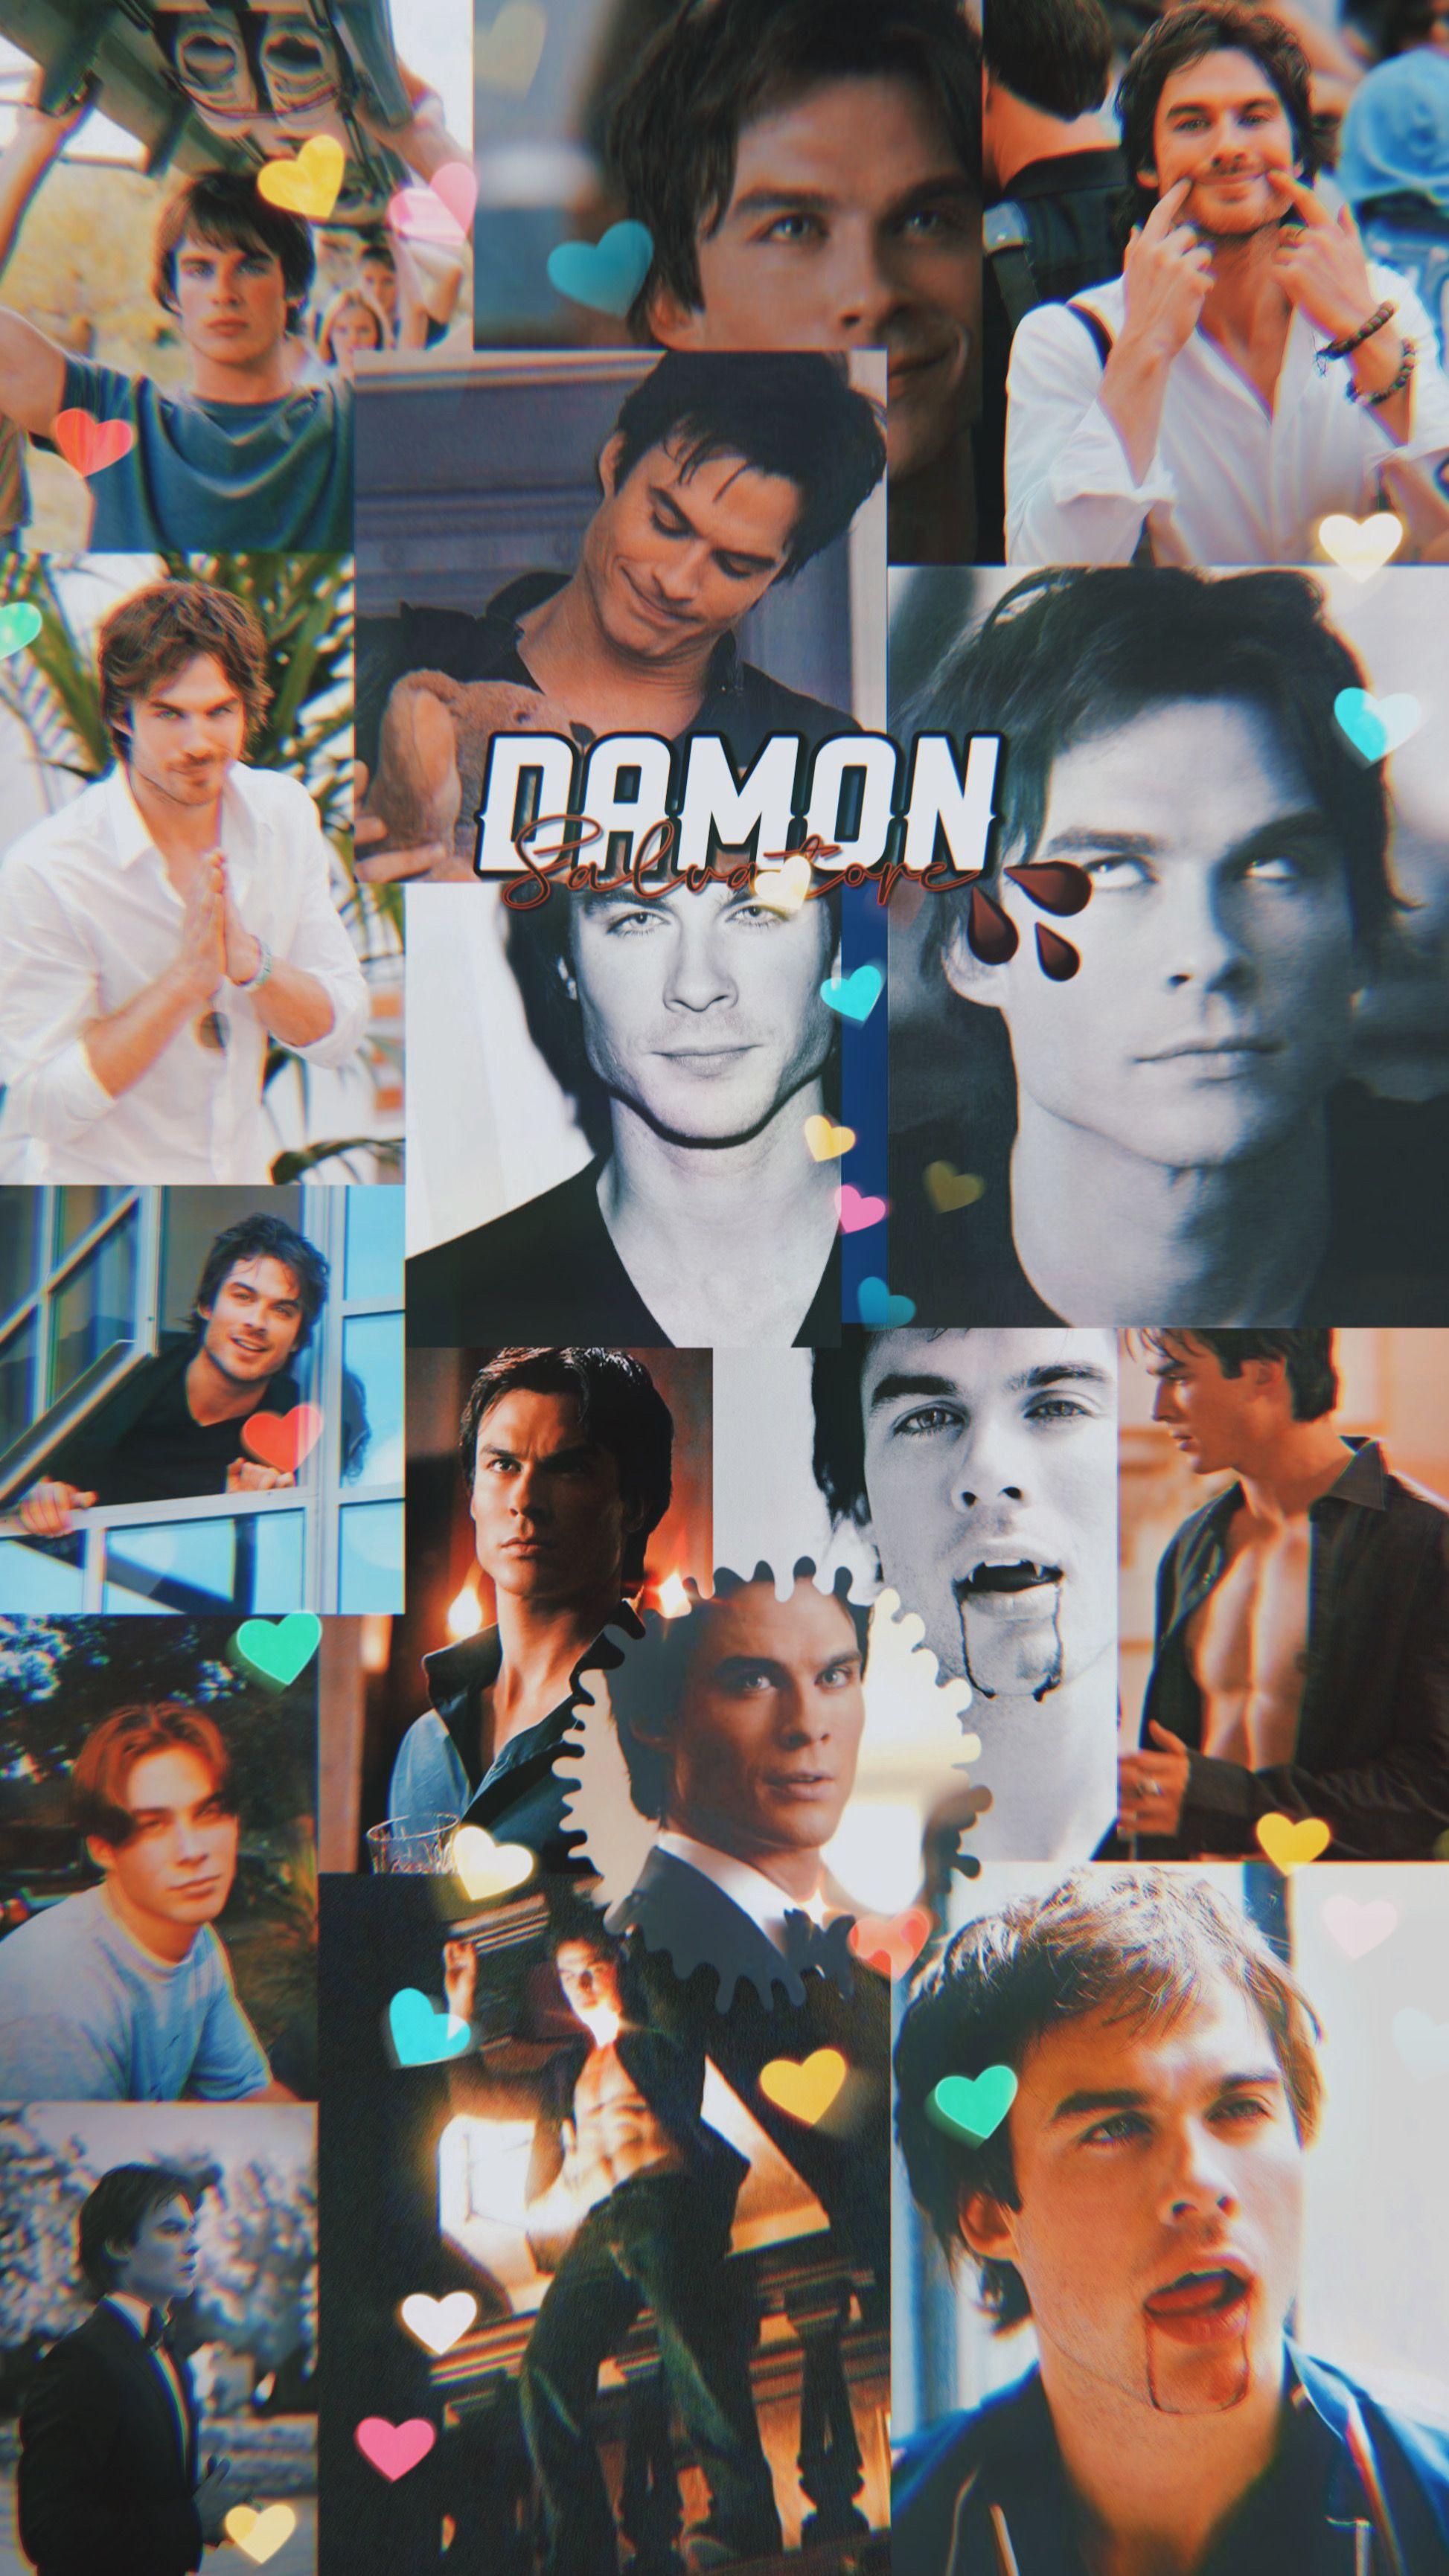 The Vampire Diaries In 2020 Damon Salvatore Vampire Diaries Vampire Diaries Klaus From Vampire Diaries